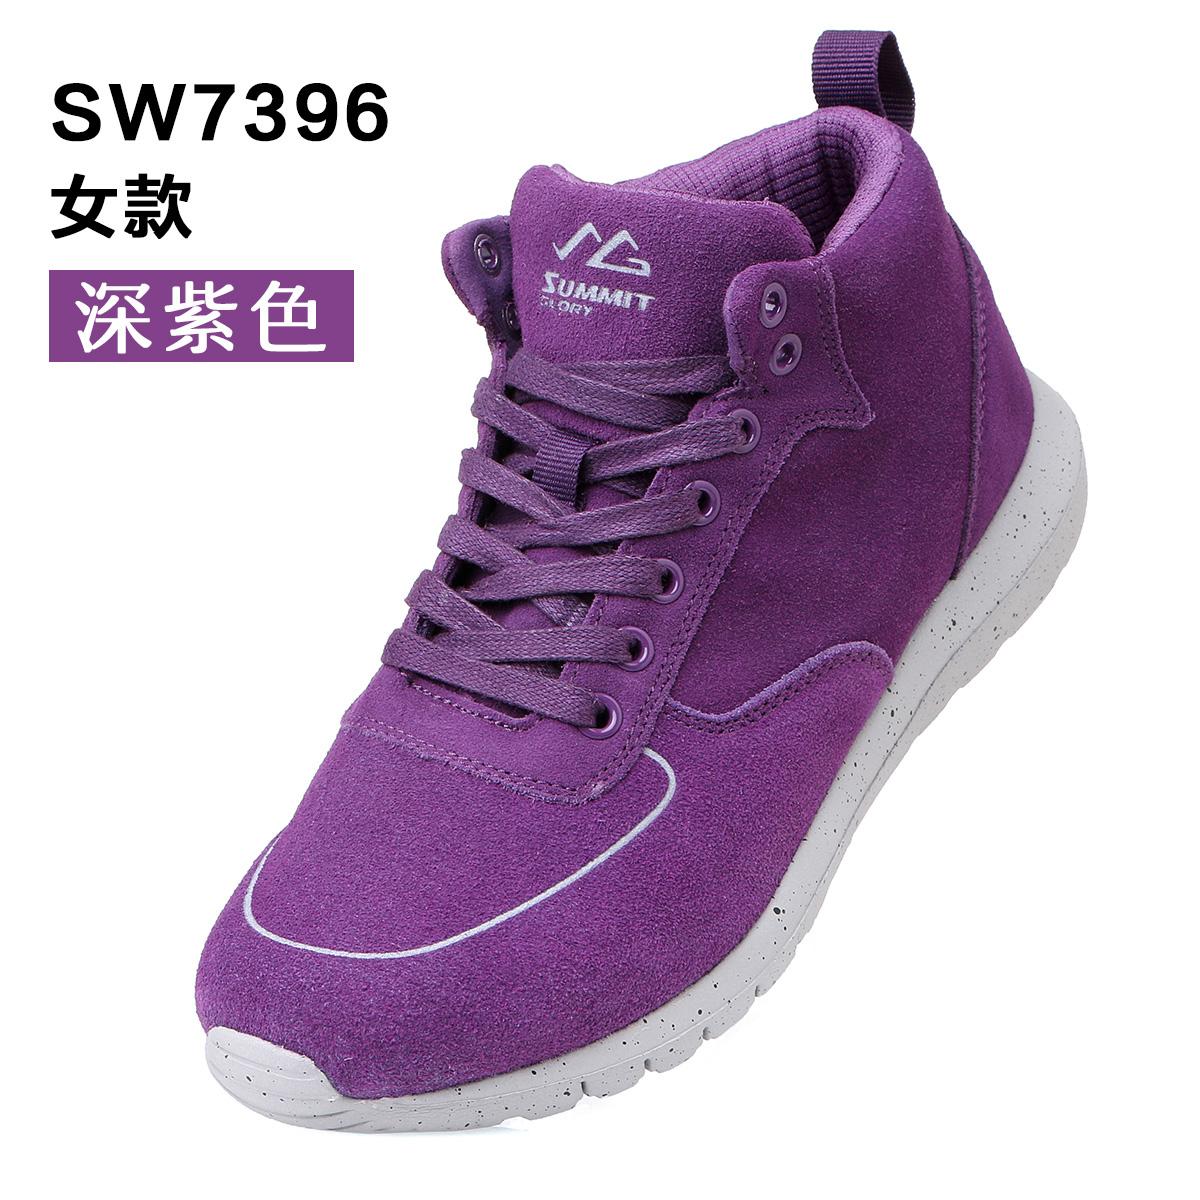 攬勝天下SUMMITGLORY時尚防滑耐磨情侶款女款休閑鞋運動鞋深紫39